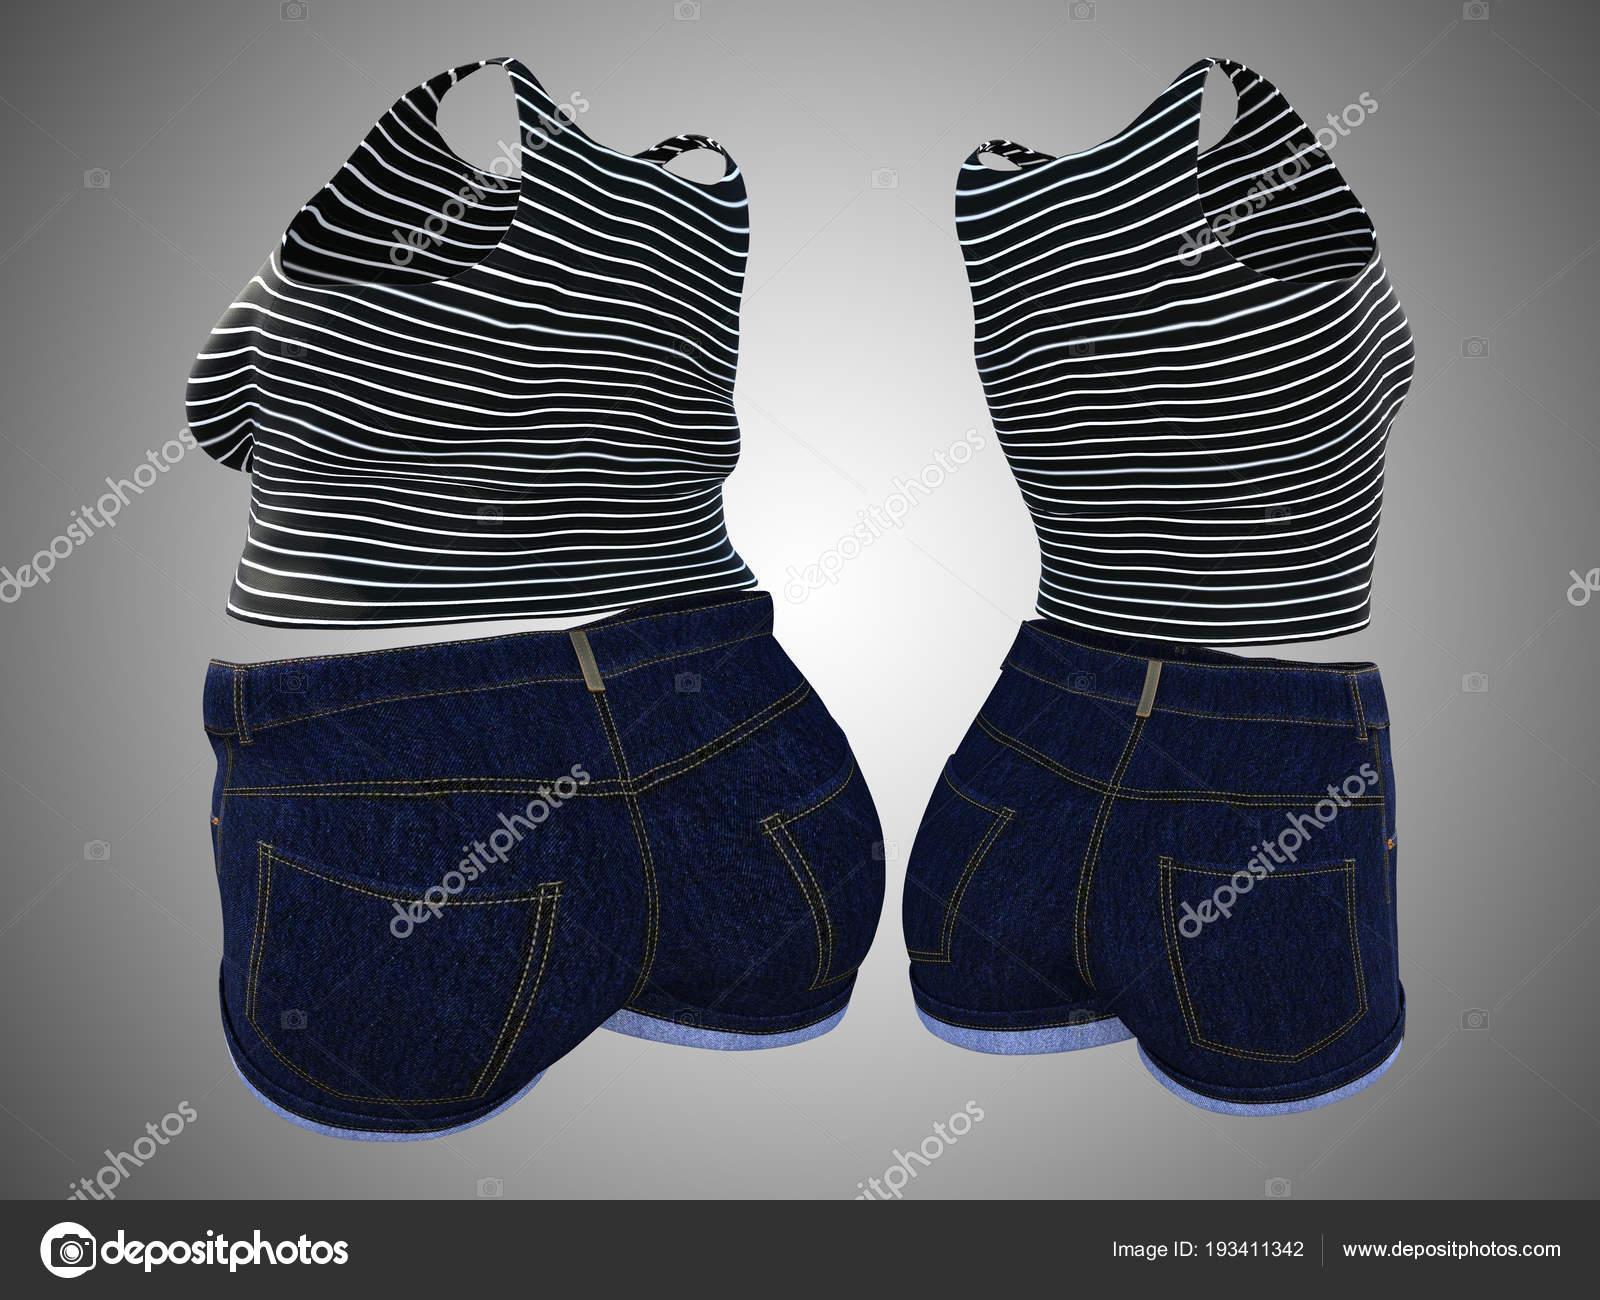 f9c6a3ebbd48 Εννοιολογική παχύσαρκα Γυναικεία ρούχα vs slim fit υγιές σώμα μετά από  απώλεια βάρους — Εικόνα από ...